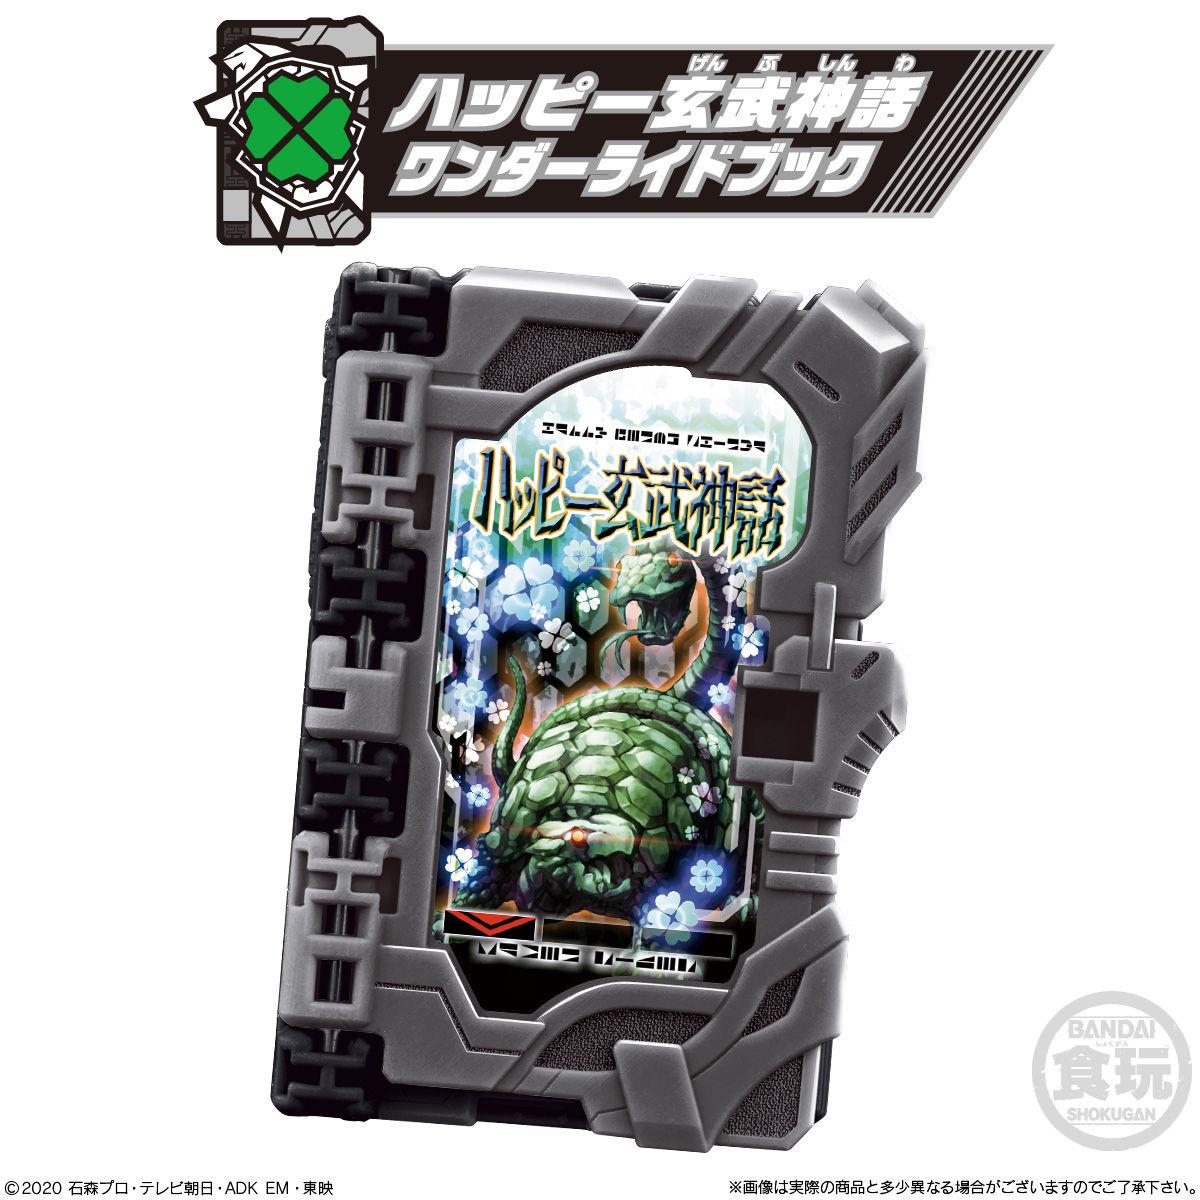 【食玩】仮面ライダーセイバー『コレクタブルワンダーライドブック SG06』8個入りBOX-003